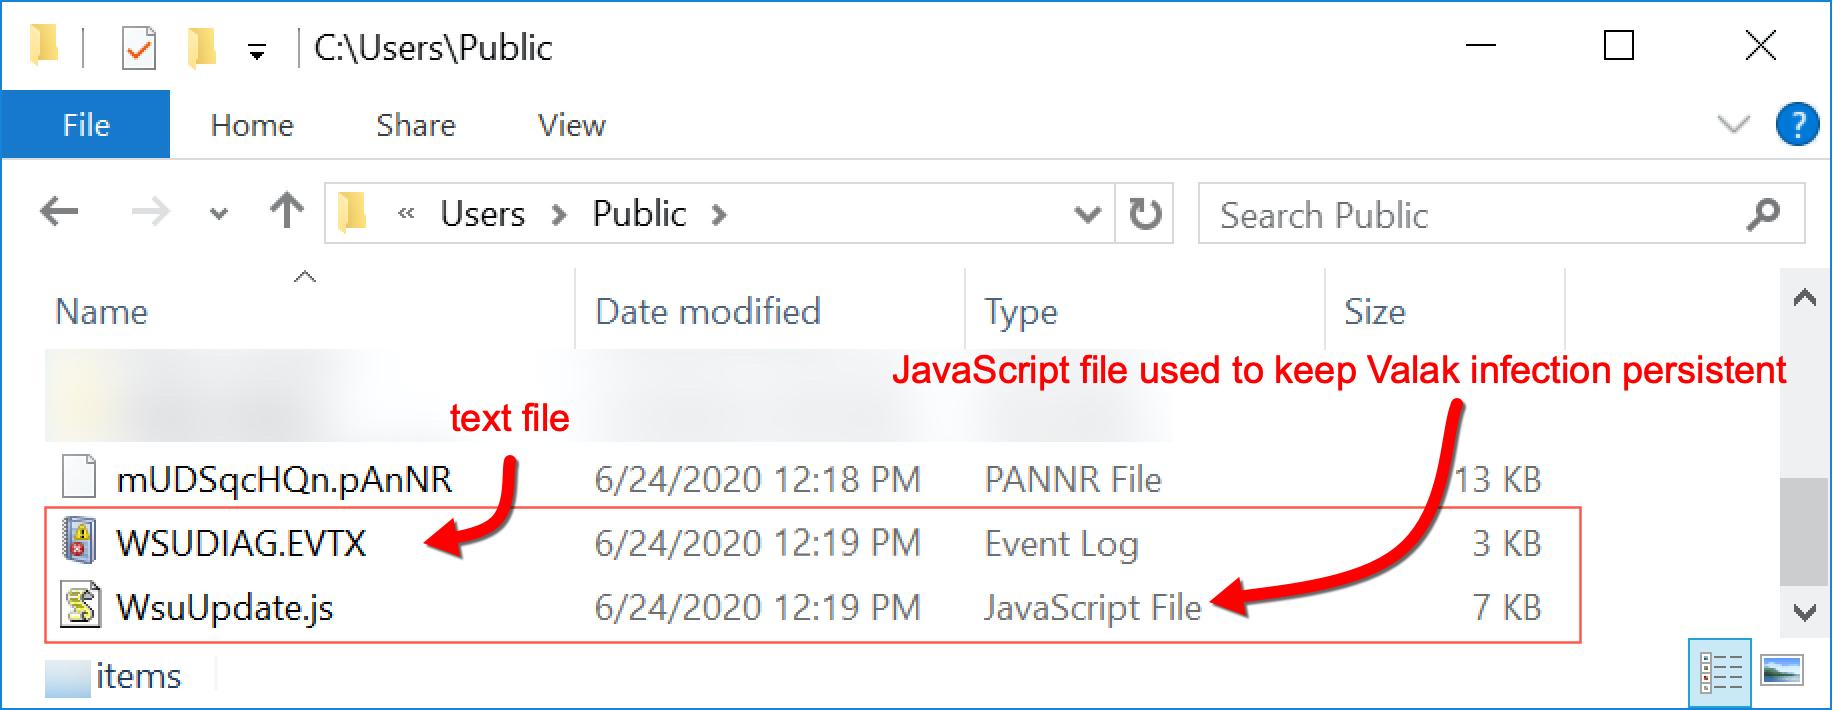 ランダムに命名されたテキストファイルとJavaScript (JS)ファイルの両方が、C:\Users\Public\ディレクトリ下に作成されます。